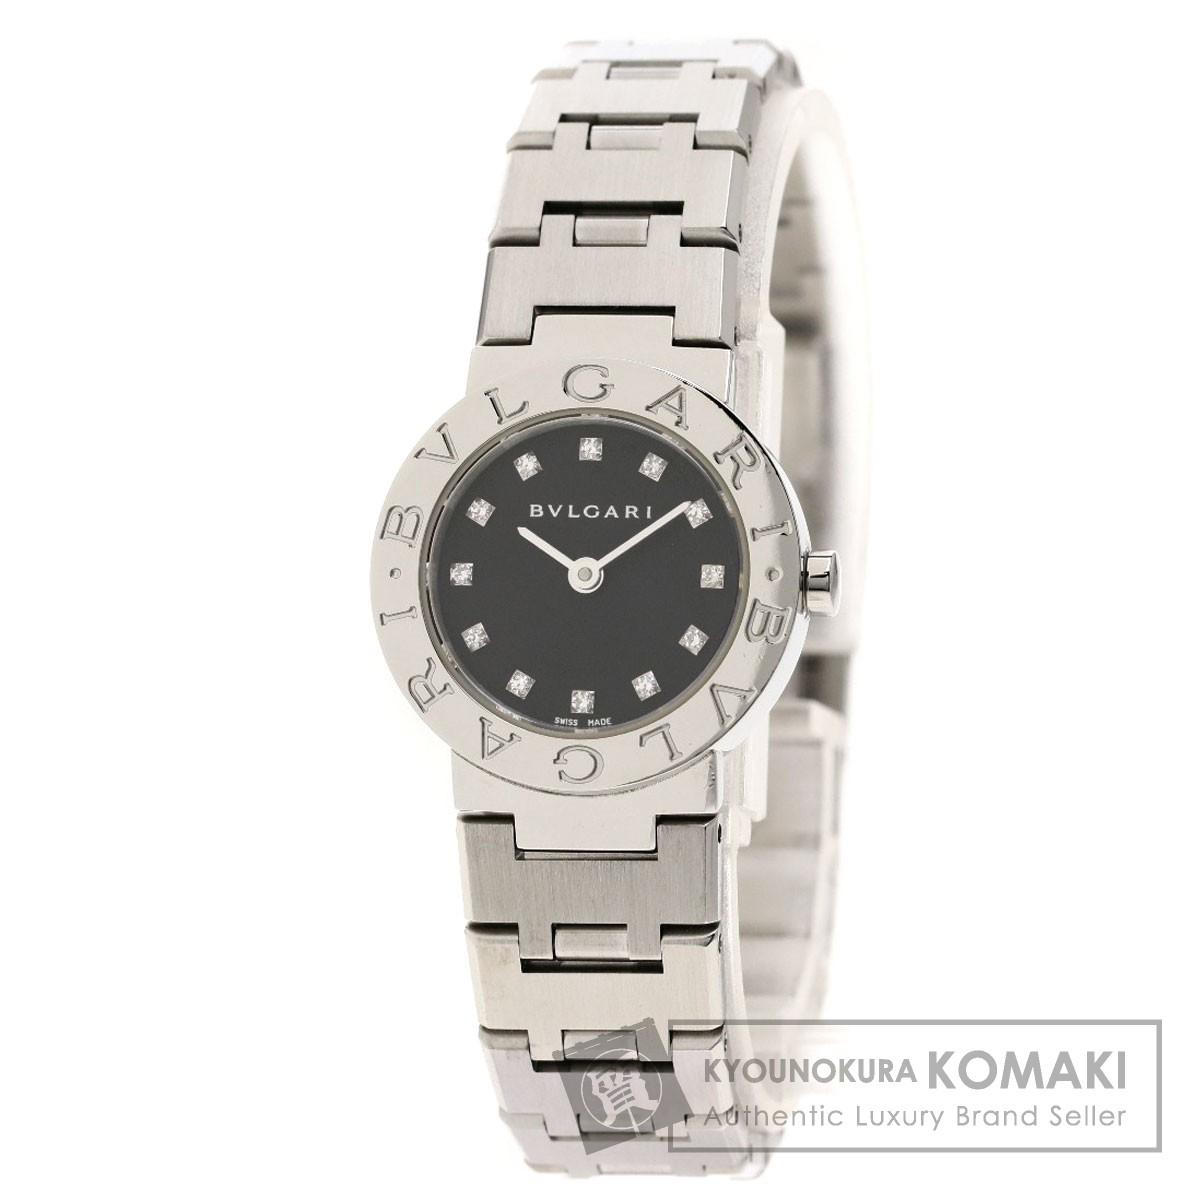 ブルガリ BB23SS/12 ブルガリブルガリ 12Pダイヤモンド 腕時計 ステンレススチール/SS レディース 【中古】【BVLGARI】